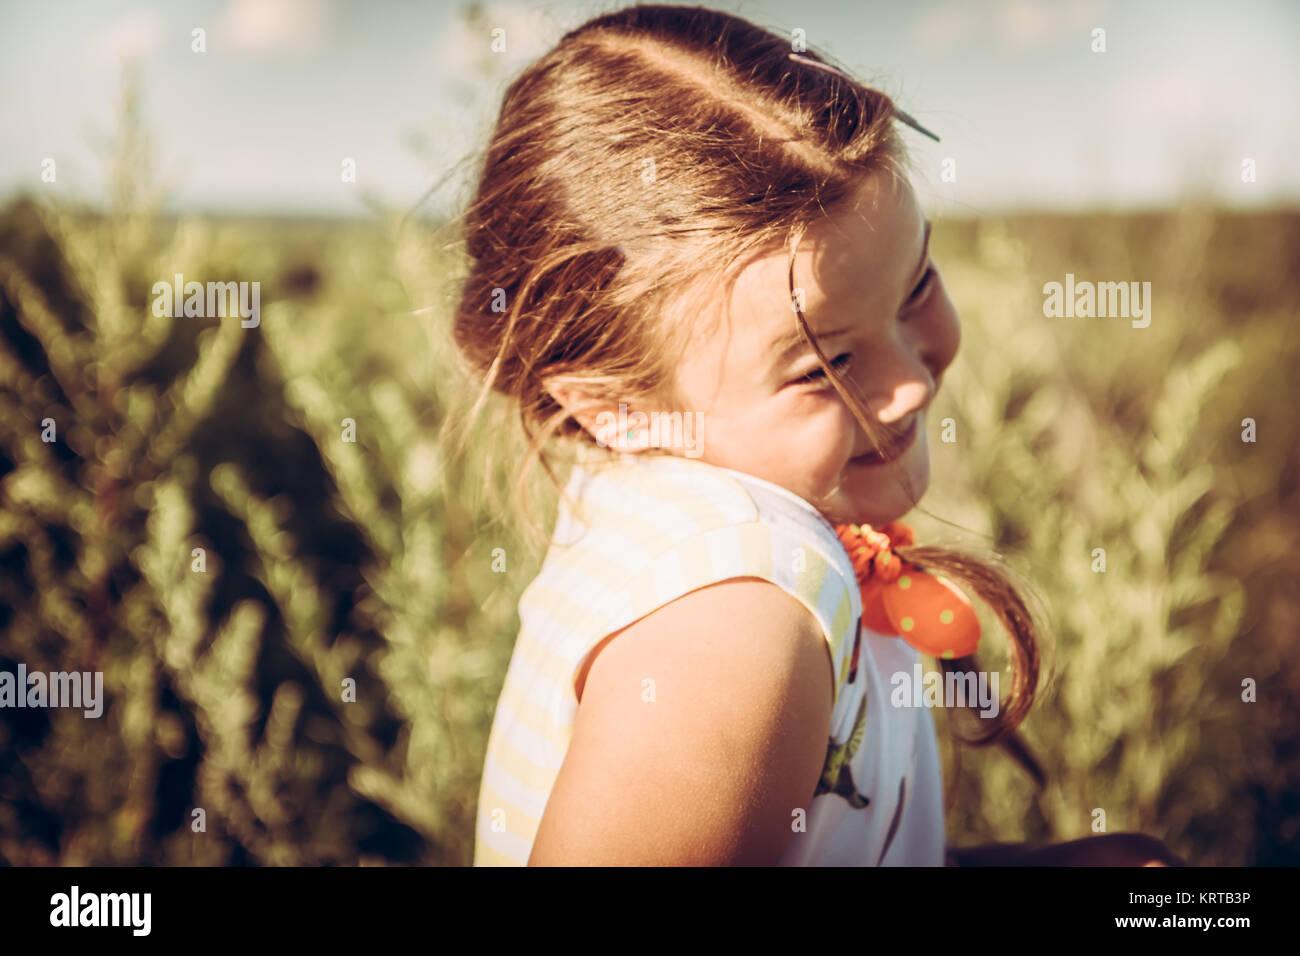 Carino plumpy timida ragazza in estate campo rurale in campagna durante le vacanze estive che simboleggiano felice Immagini Stock